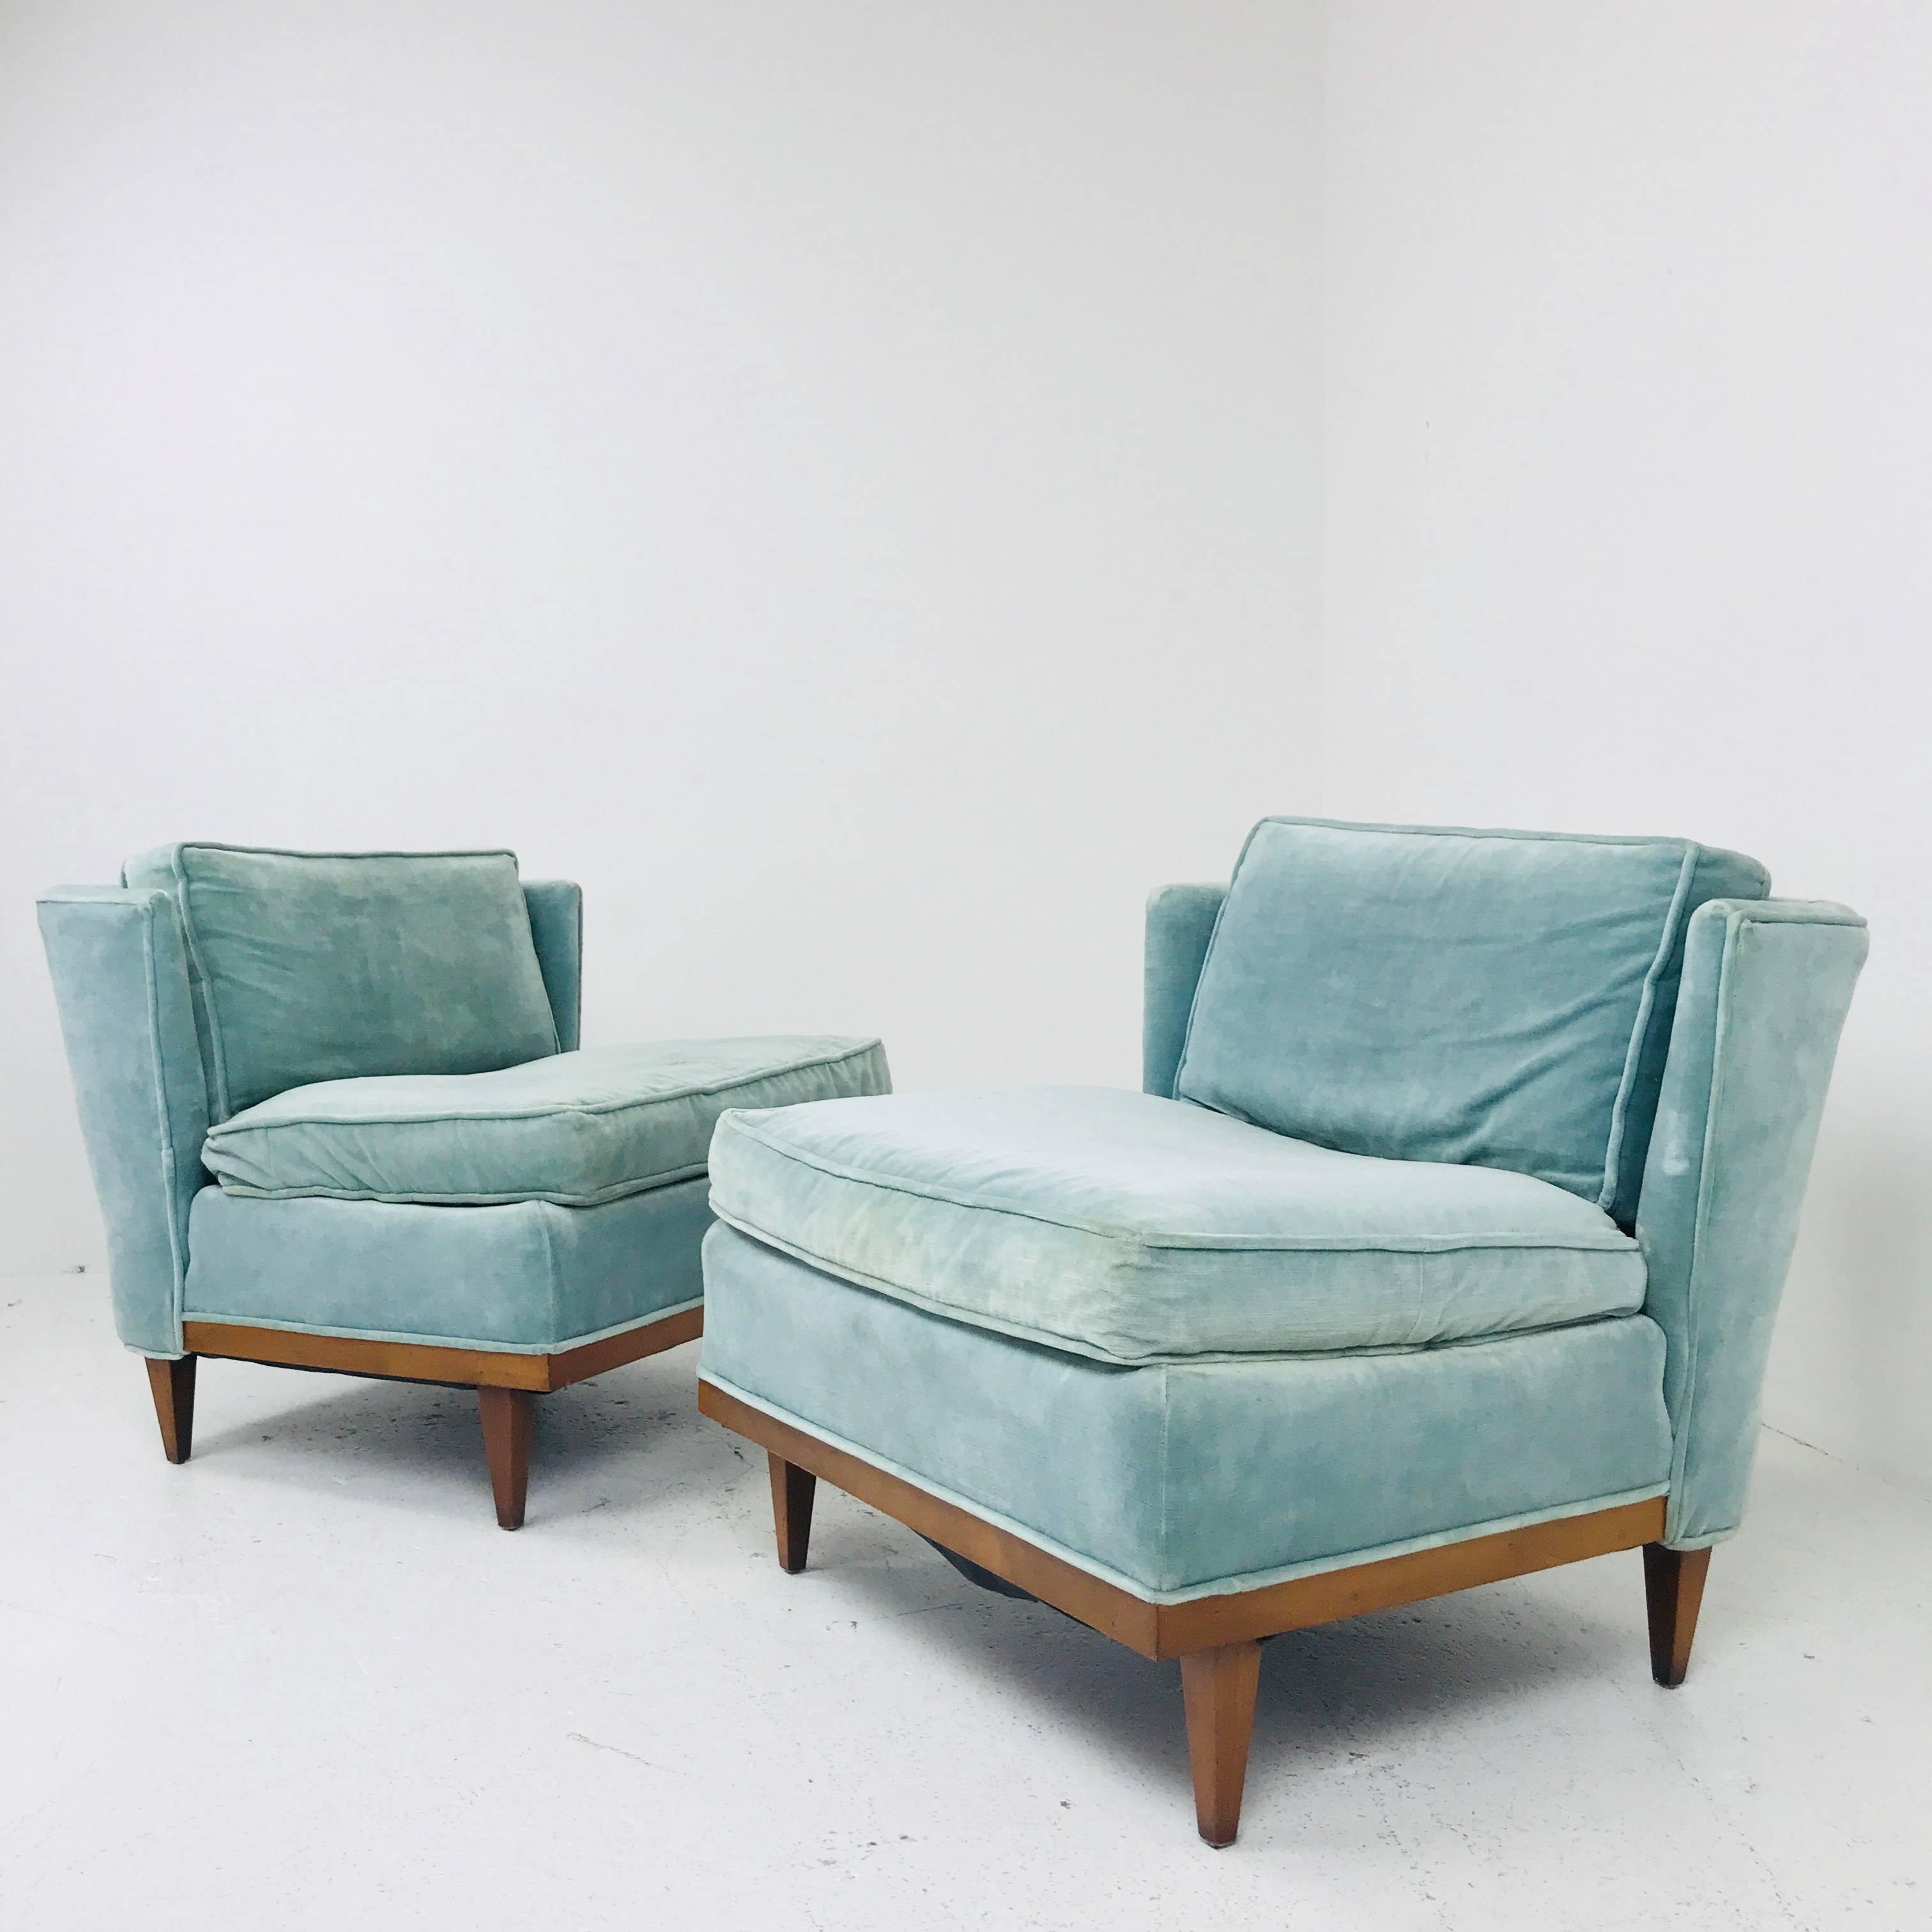 Pair Of Light Blue Midcentury Velvet Slipper Wingback Chairs